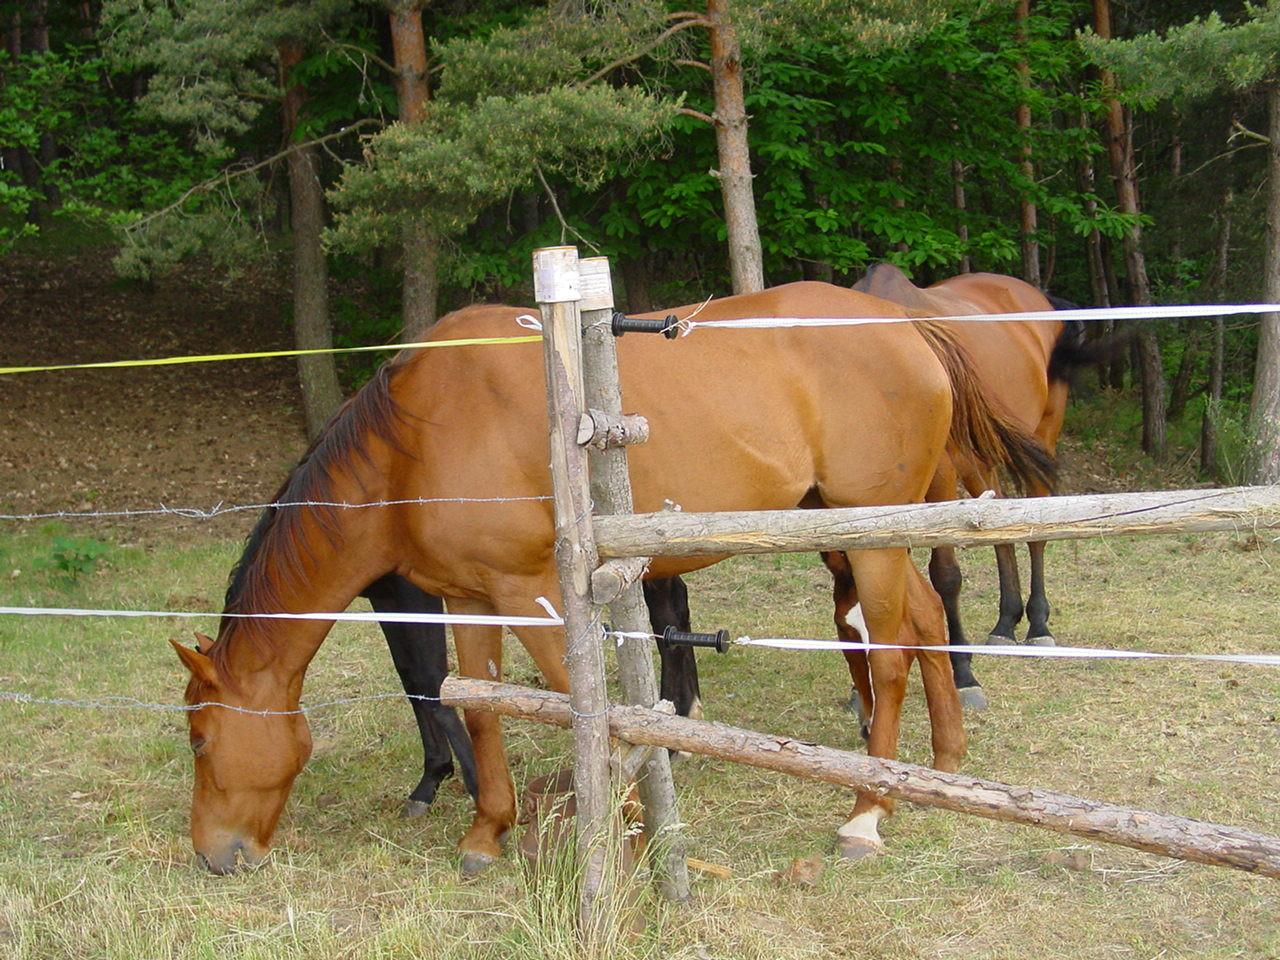 Die andern Pferde sind auf der Nachbarsweide